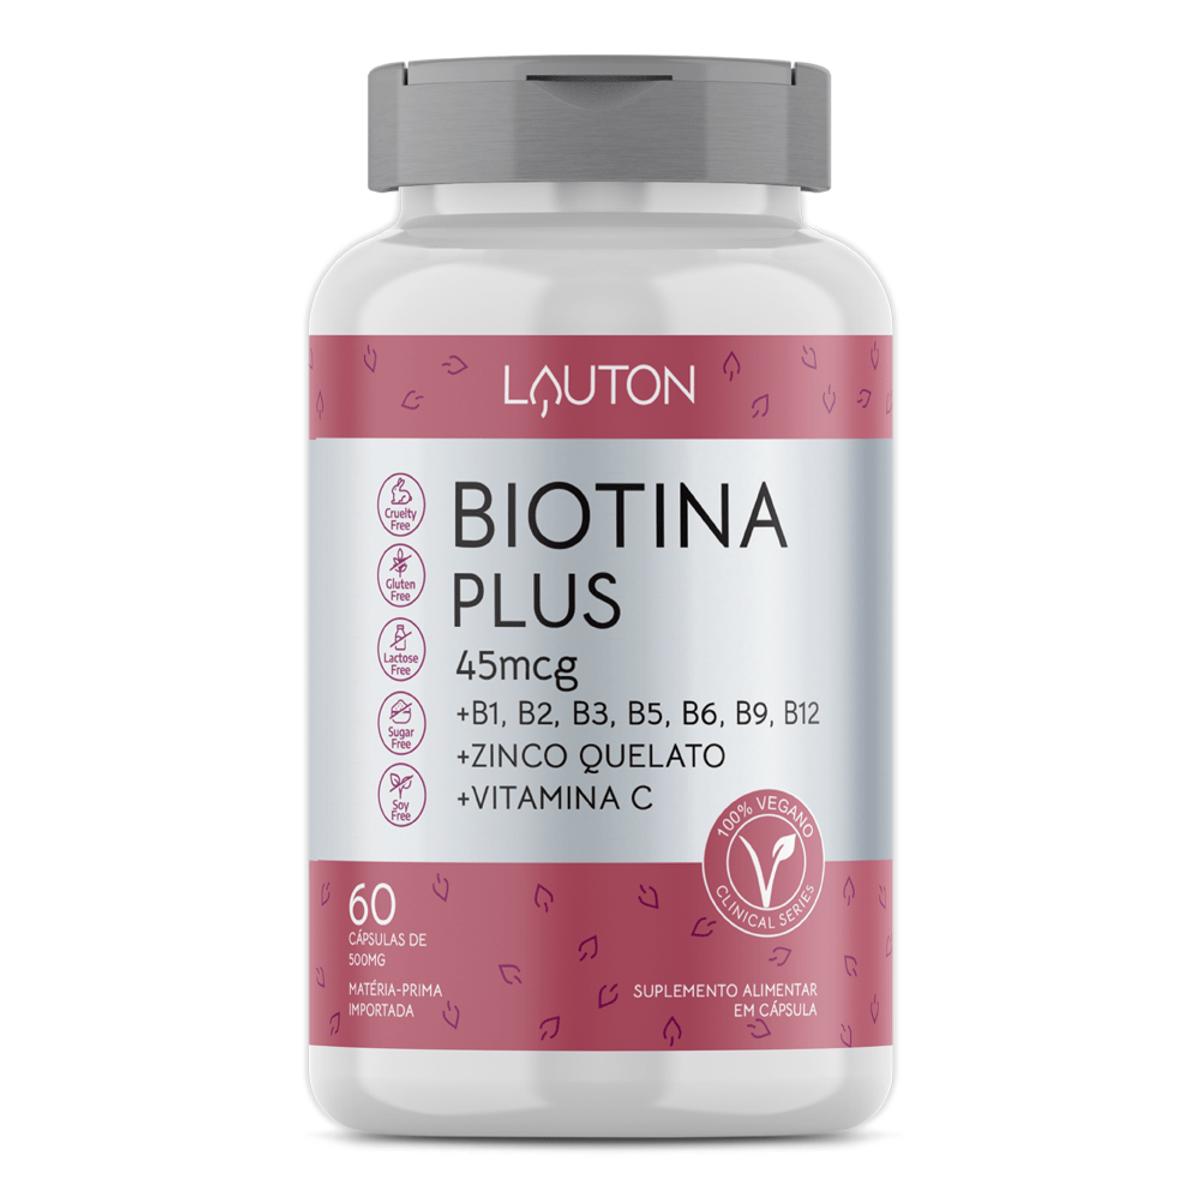 Biotina Plus - 45mcg - 60 Cápsulas - Lauton Nutrition